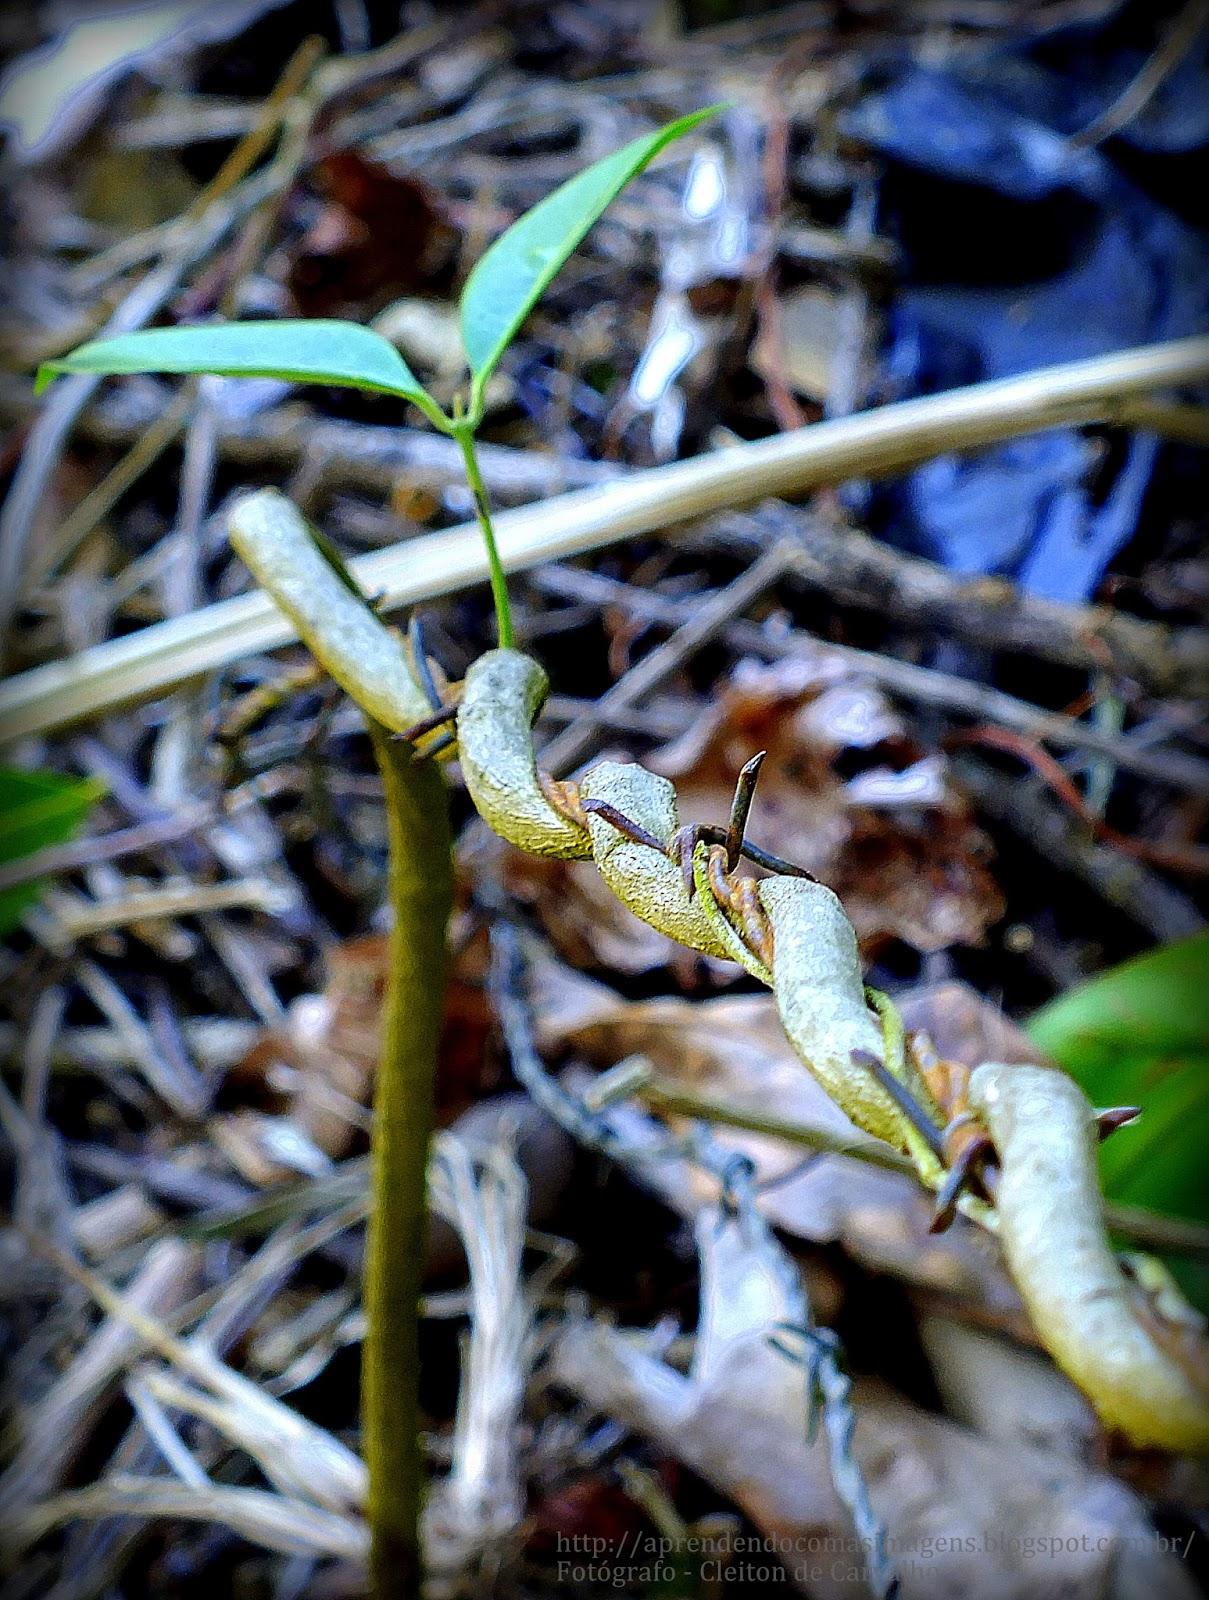 http://aprendendocomasimagens.blogspot.com.br/ - vida e sentimentos